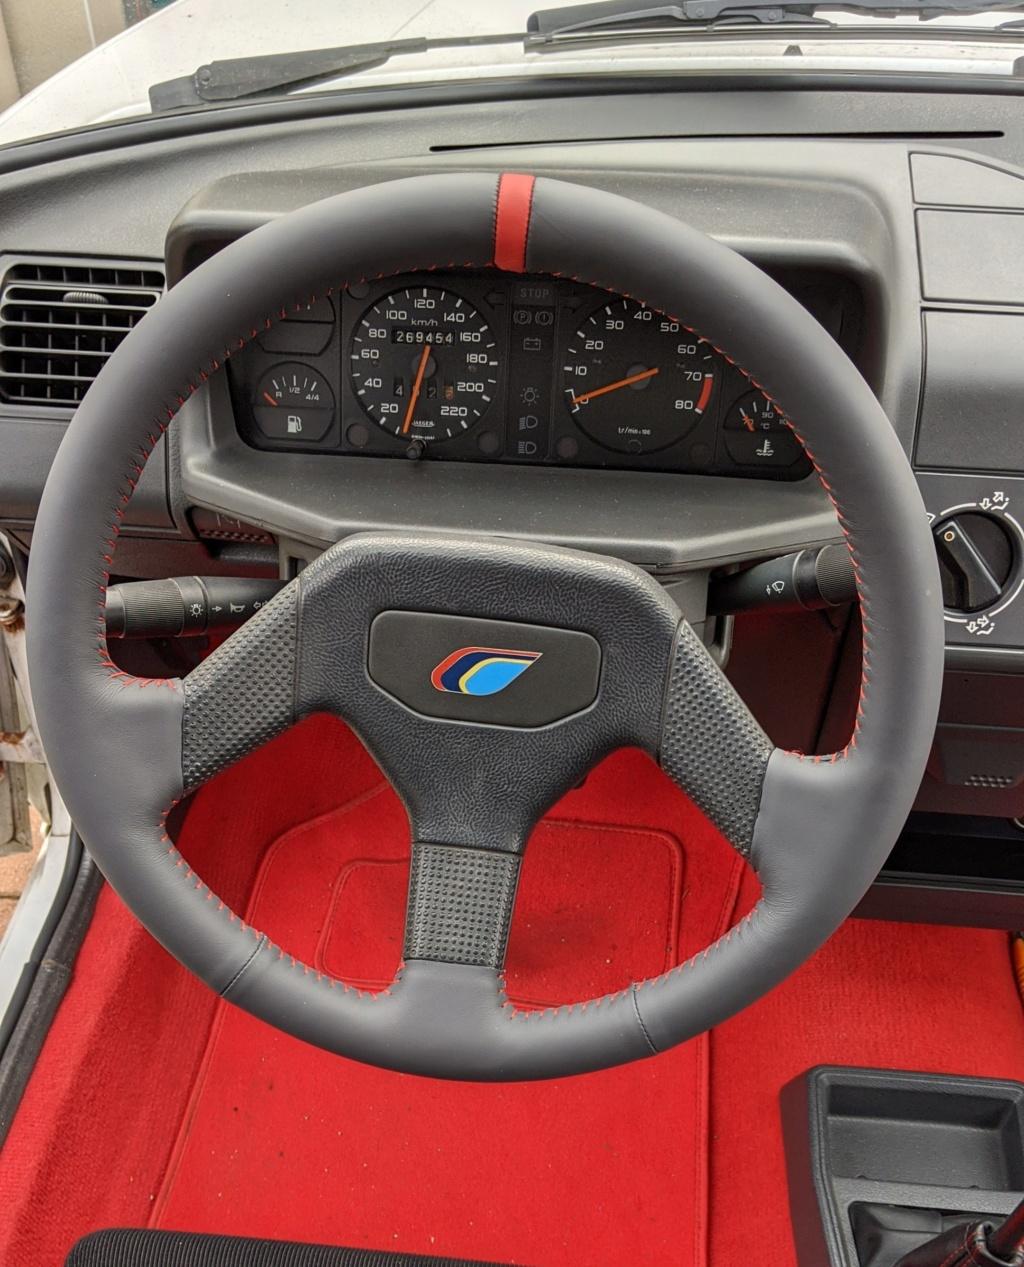 [optex57]  Rallye - 1294 - Blanche - 1989 - Page 33 Img_2182